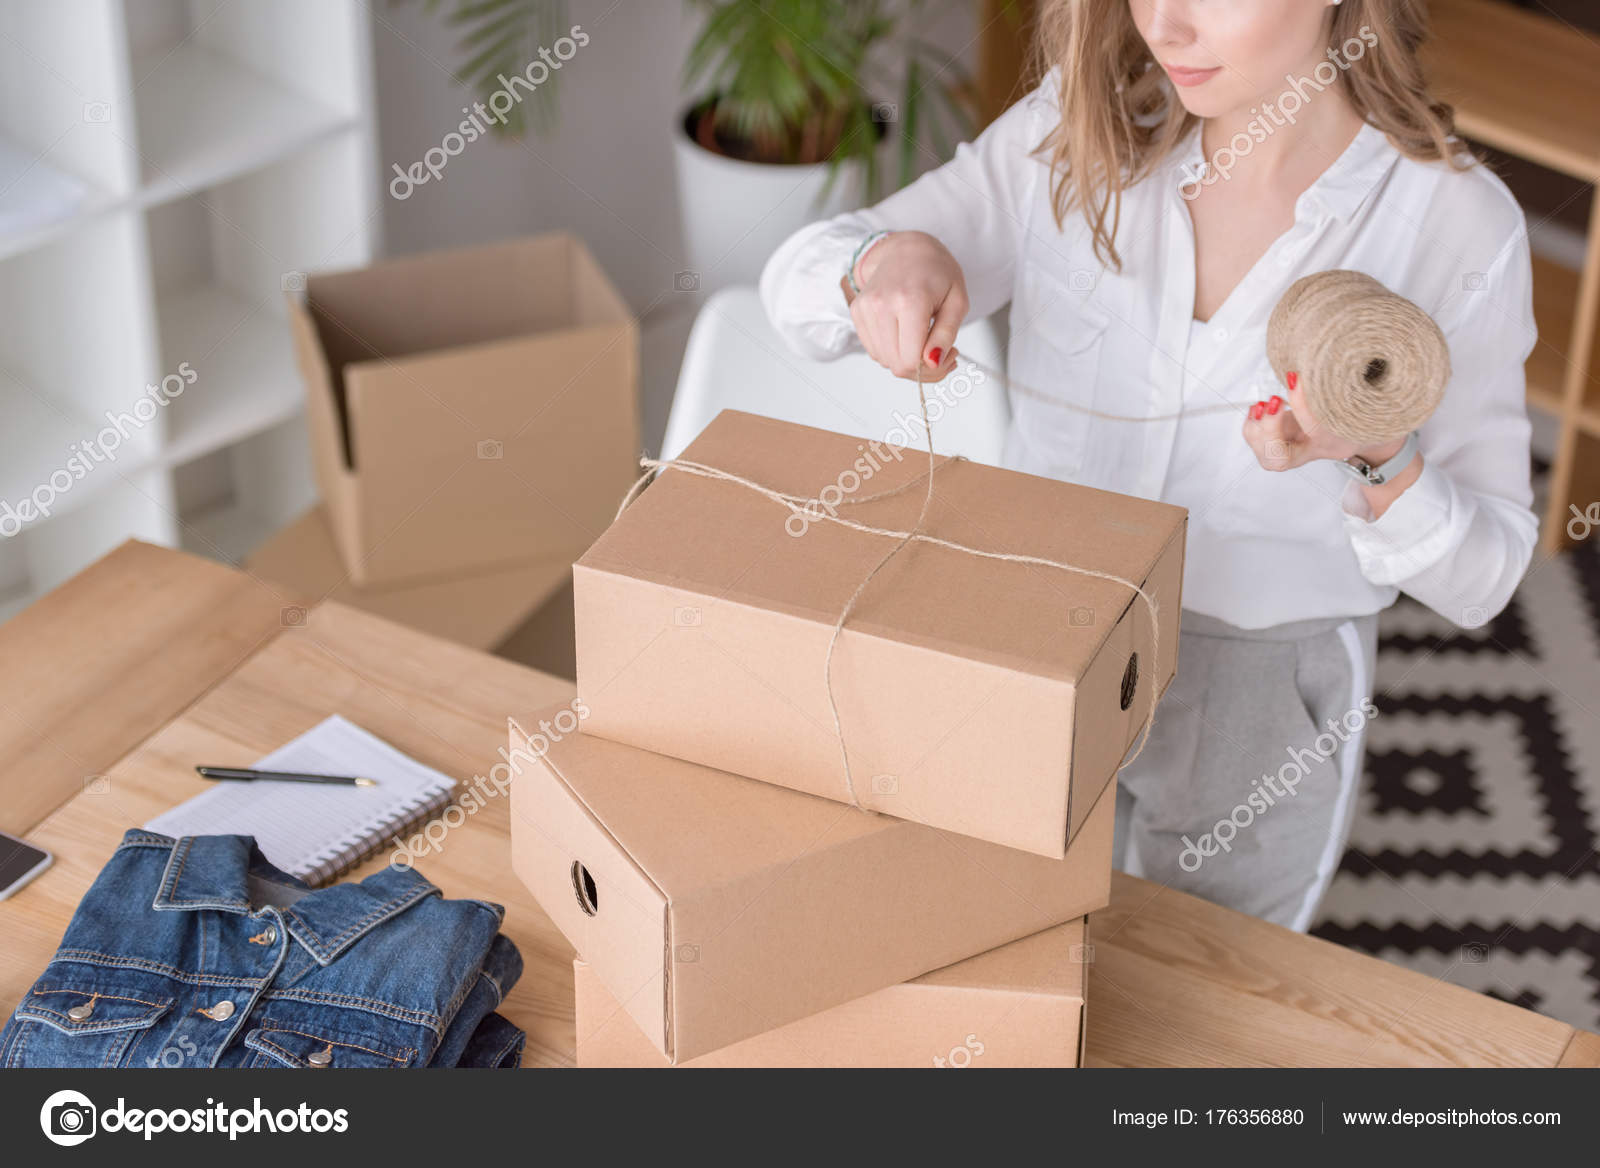 kartons kaufen. Black Bedroom Furniture Sets. Home Design Ideas